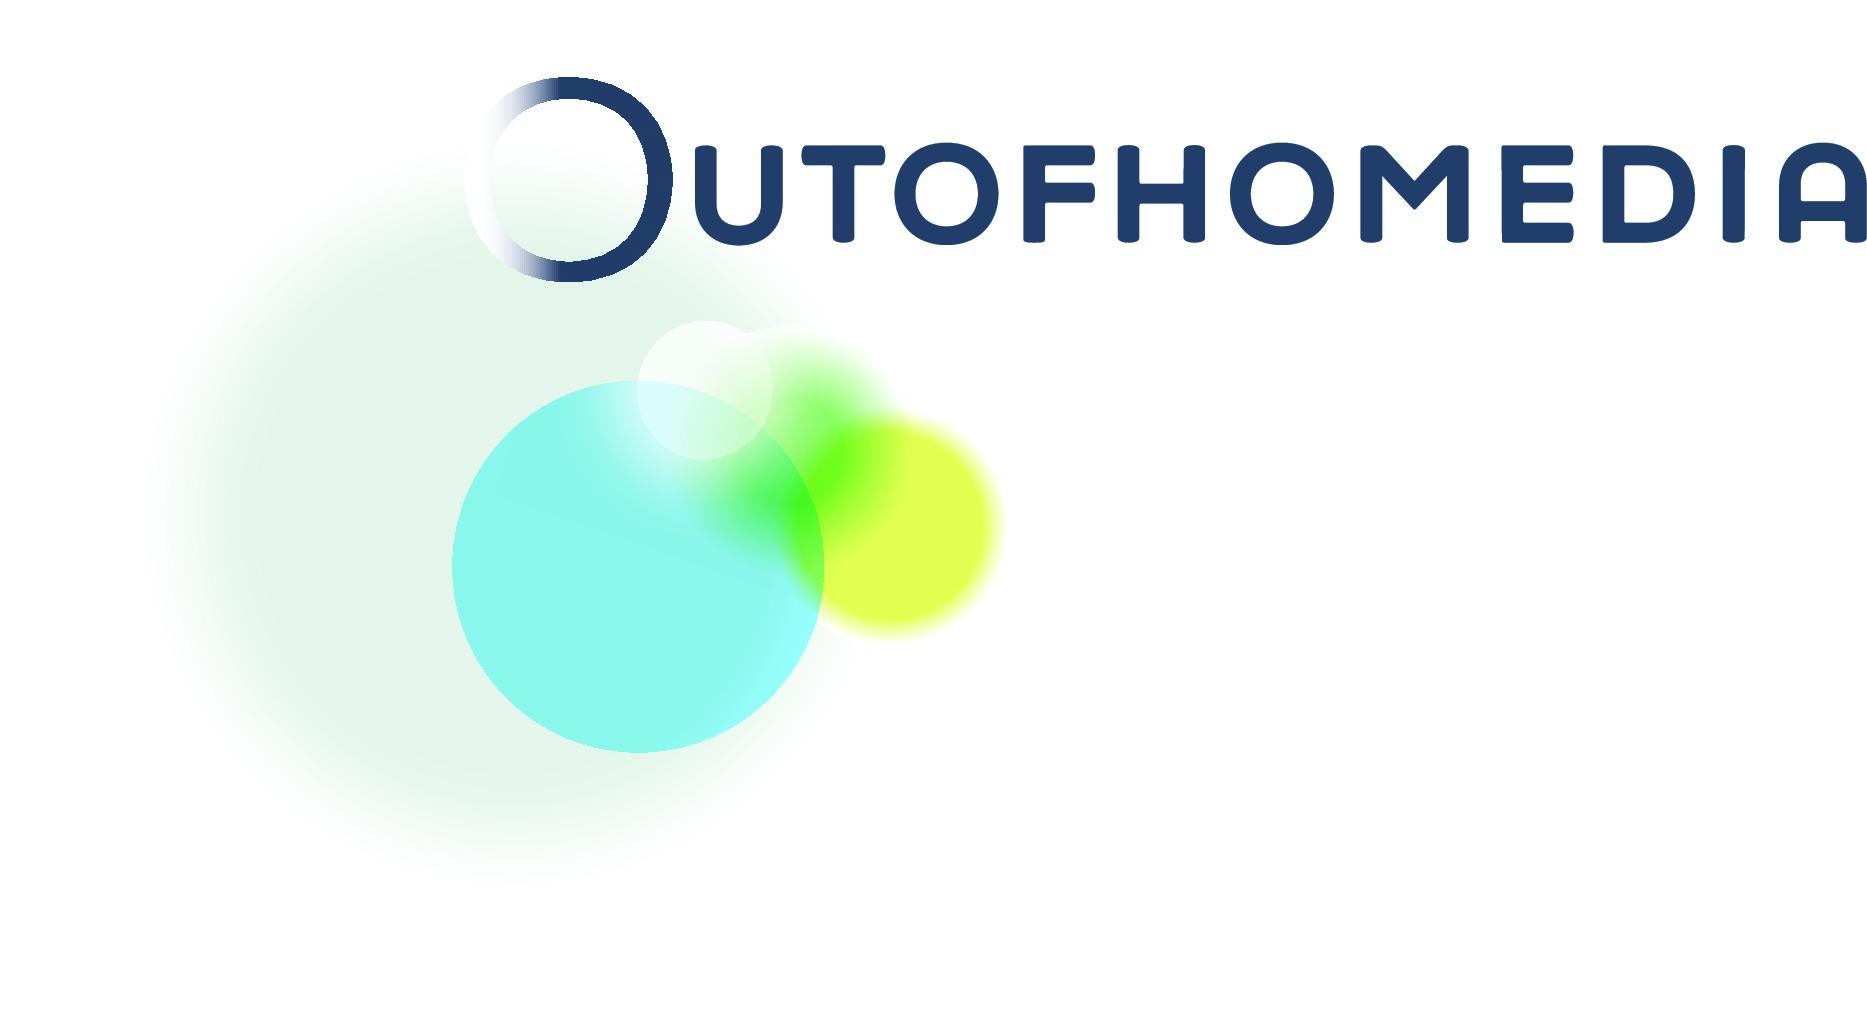 OOHM_logo.eps